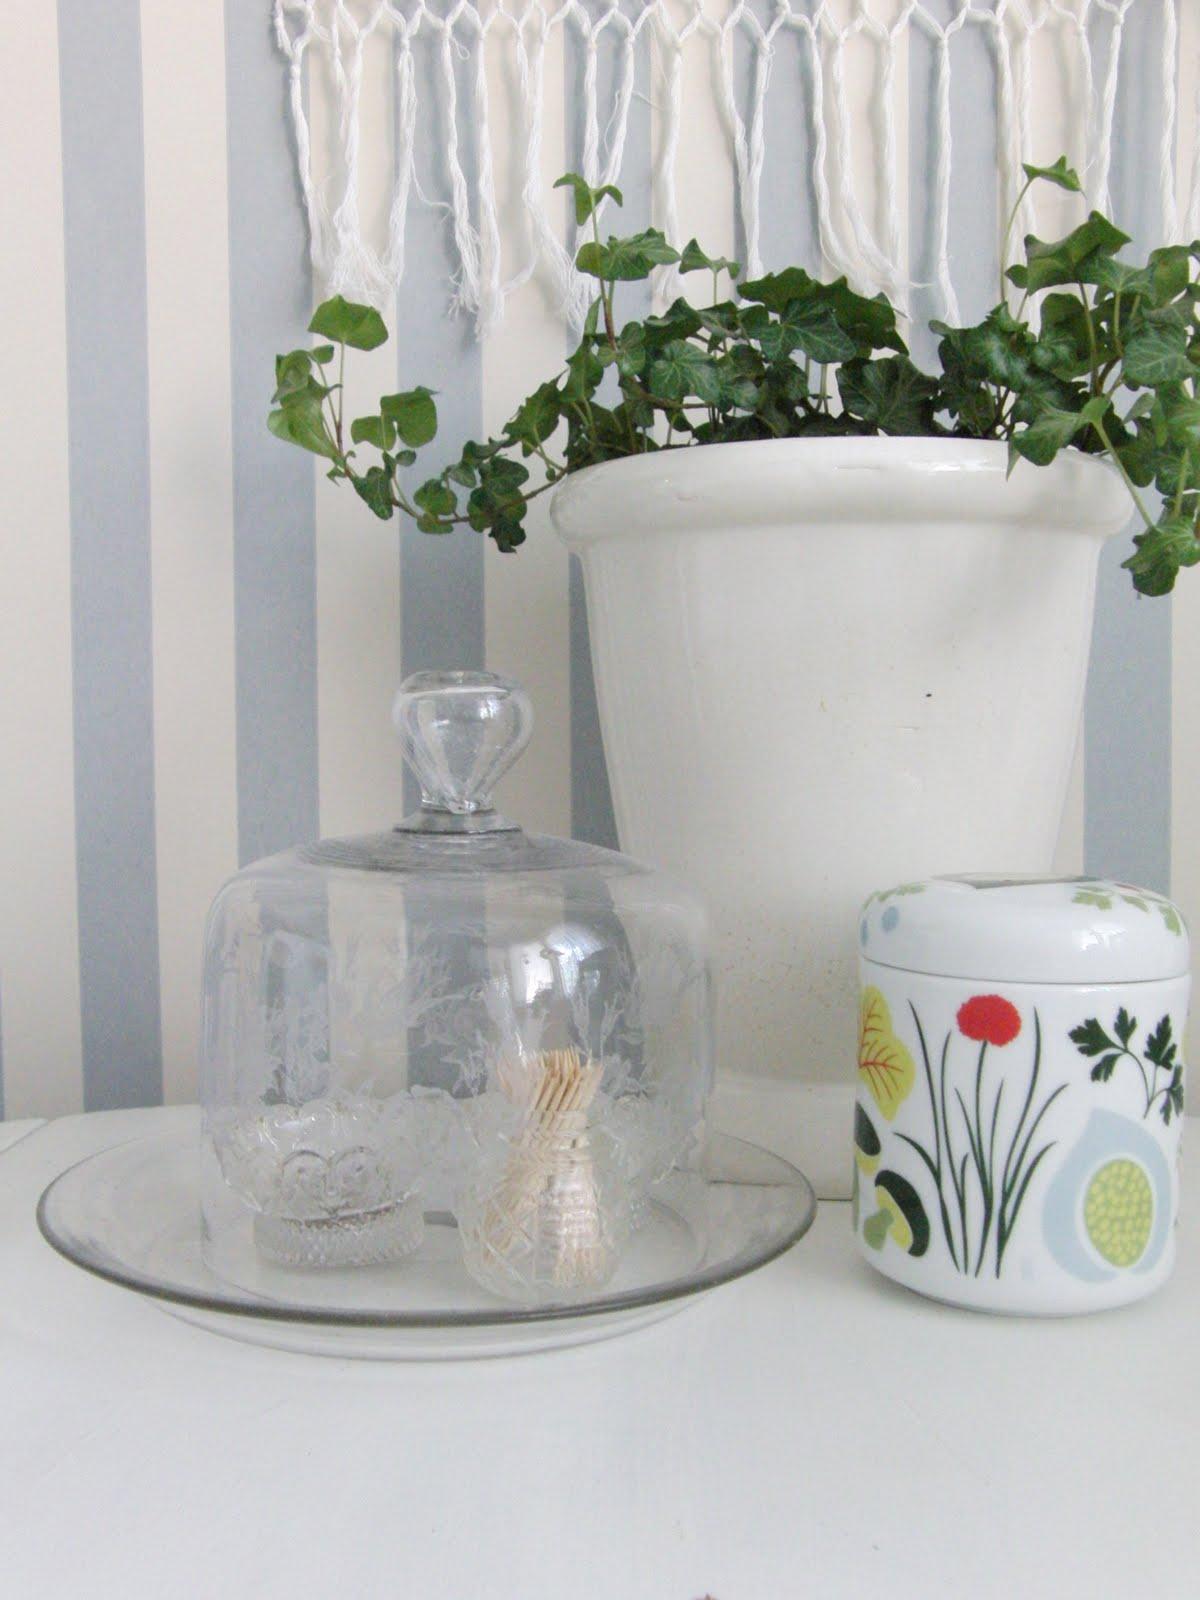 Kråks stuga - Inredning, trend, trädgård & torparliv.: Shabby Chic ...